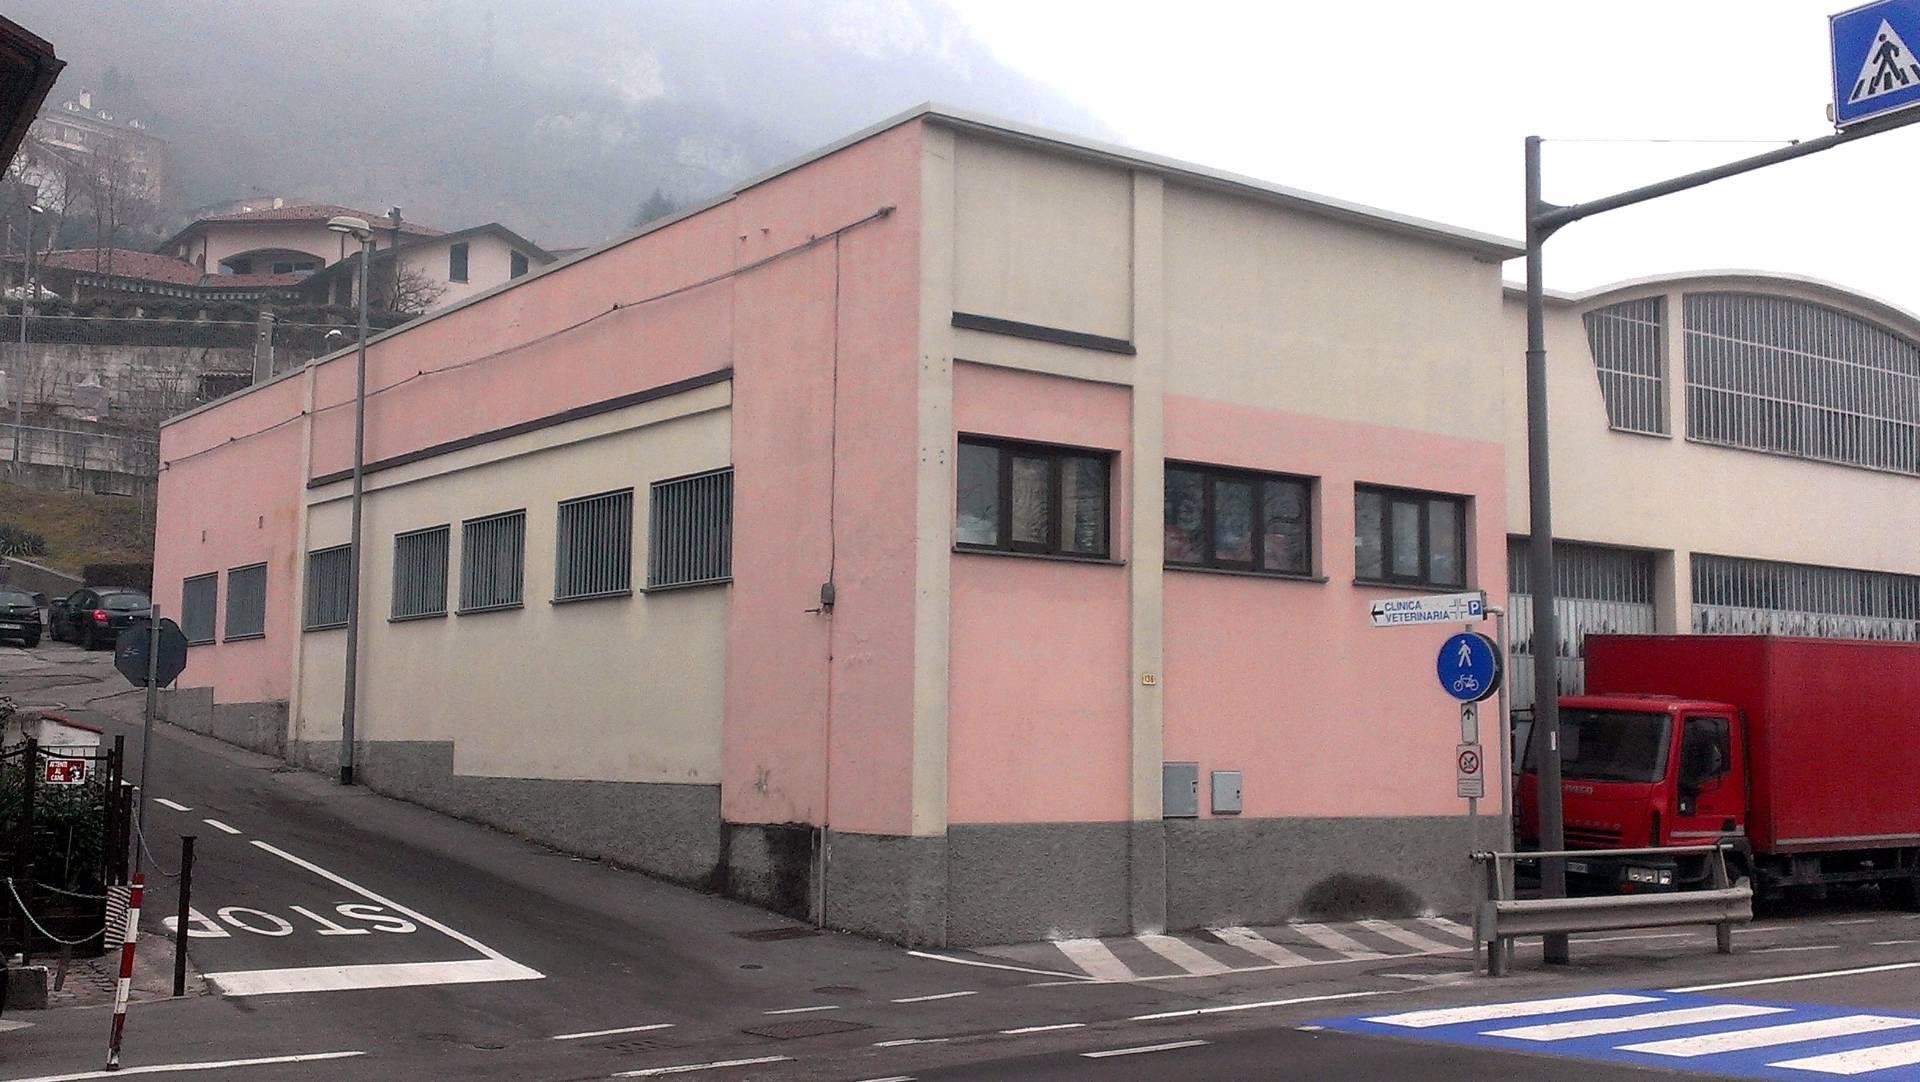 Negozio / Locale in vendita a Pescate, 9999 locali, prezzo € 290.000 | CambioCasa.it